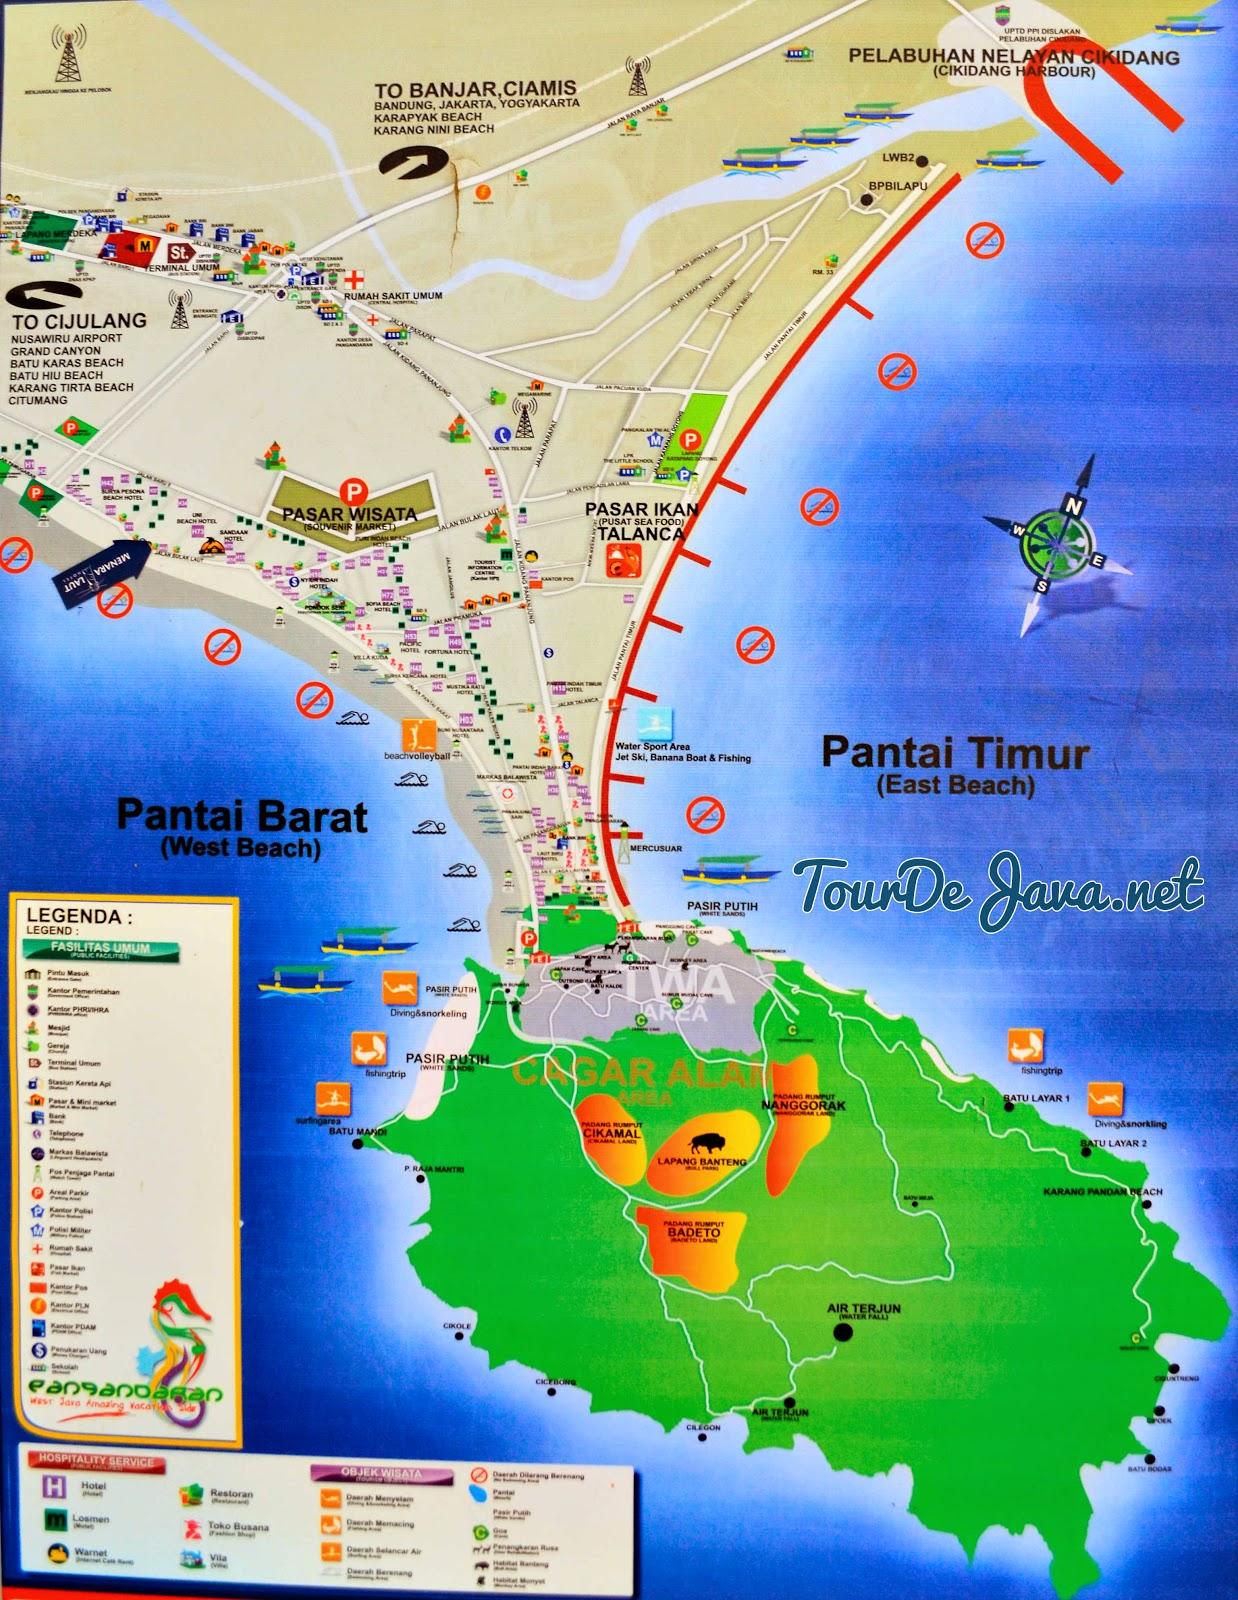 Pangandaran: Jelajahi Beragam Ekowisata di Selatan Jawa